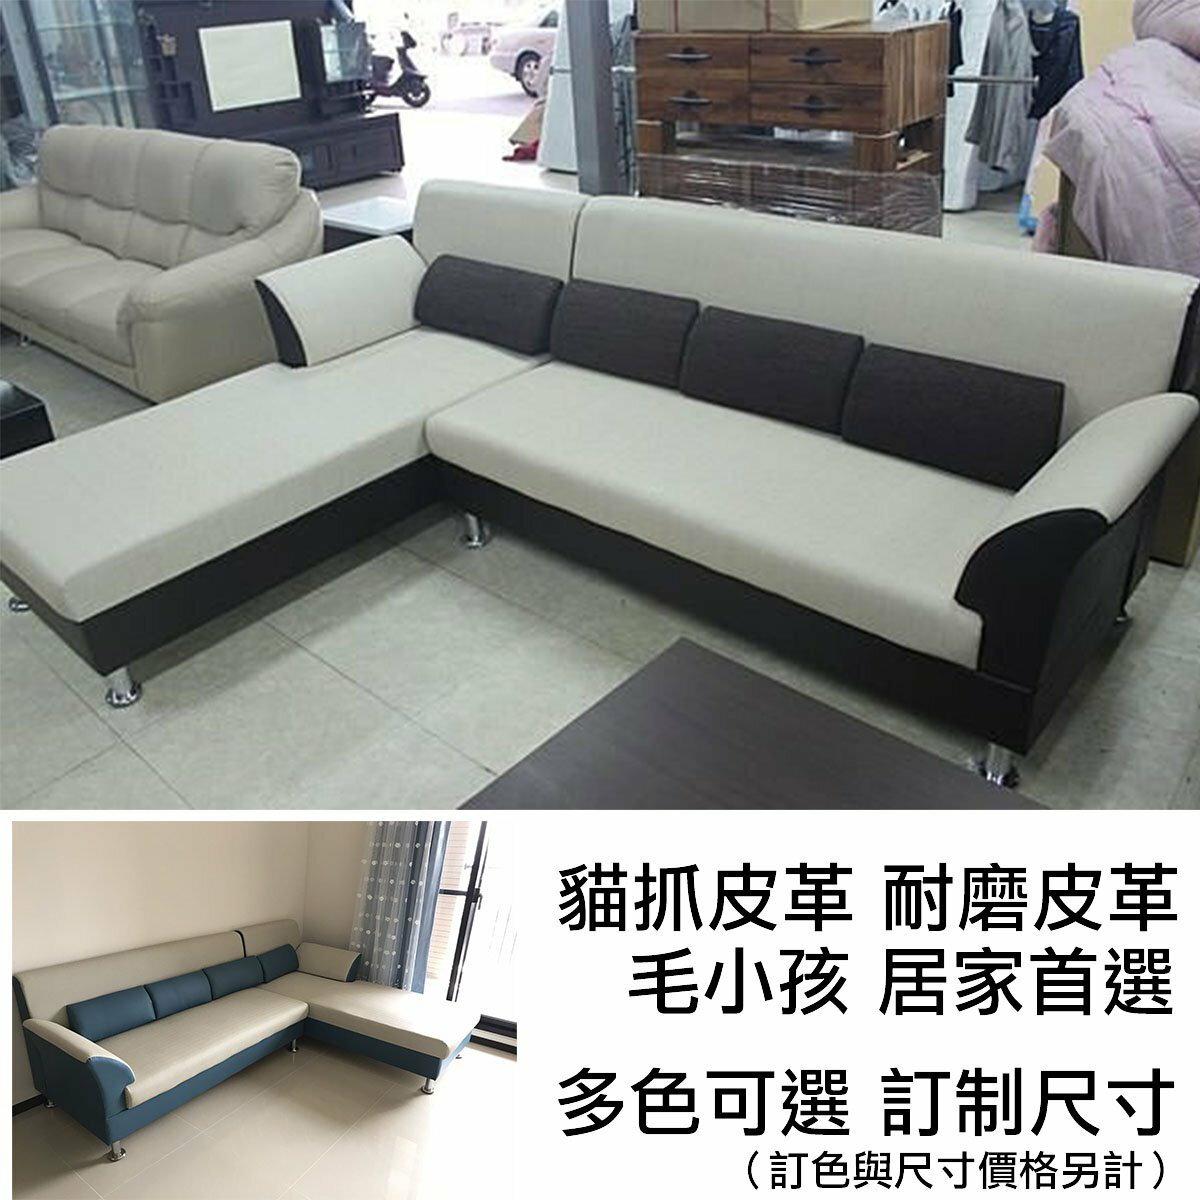 客訂sa-50 L型沙發